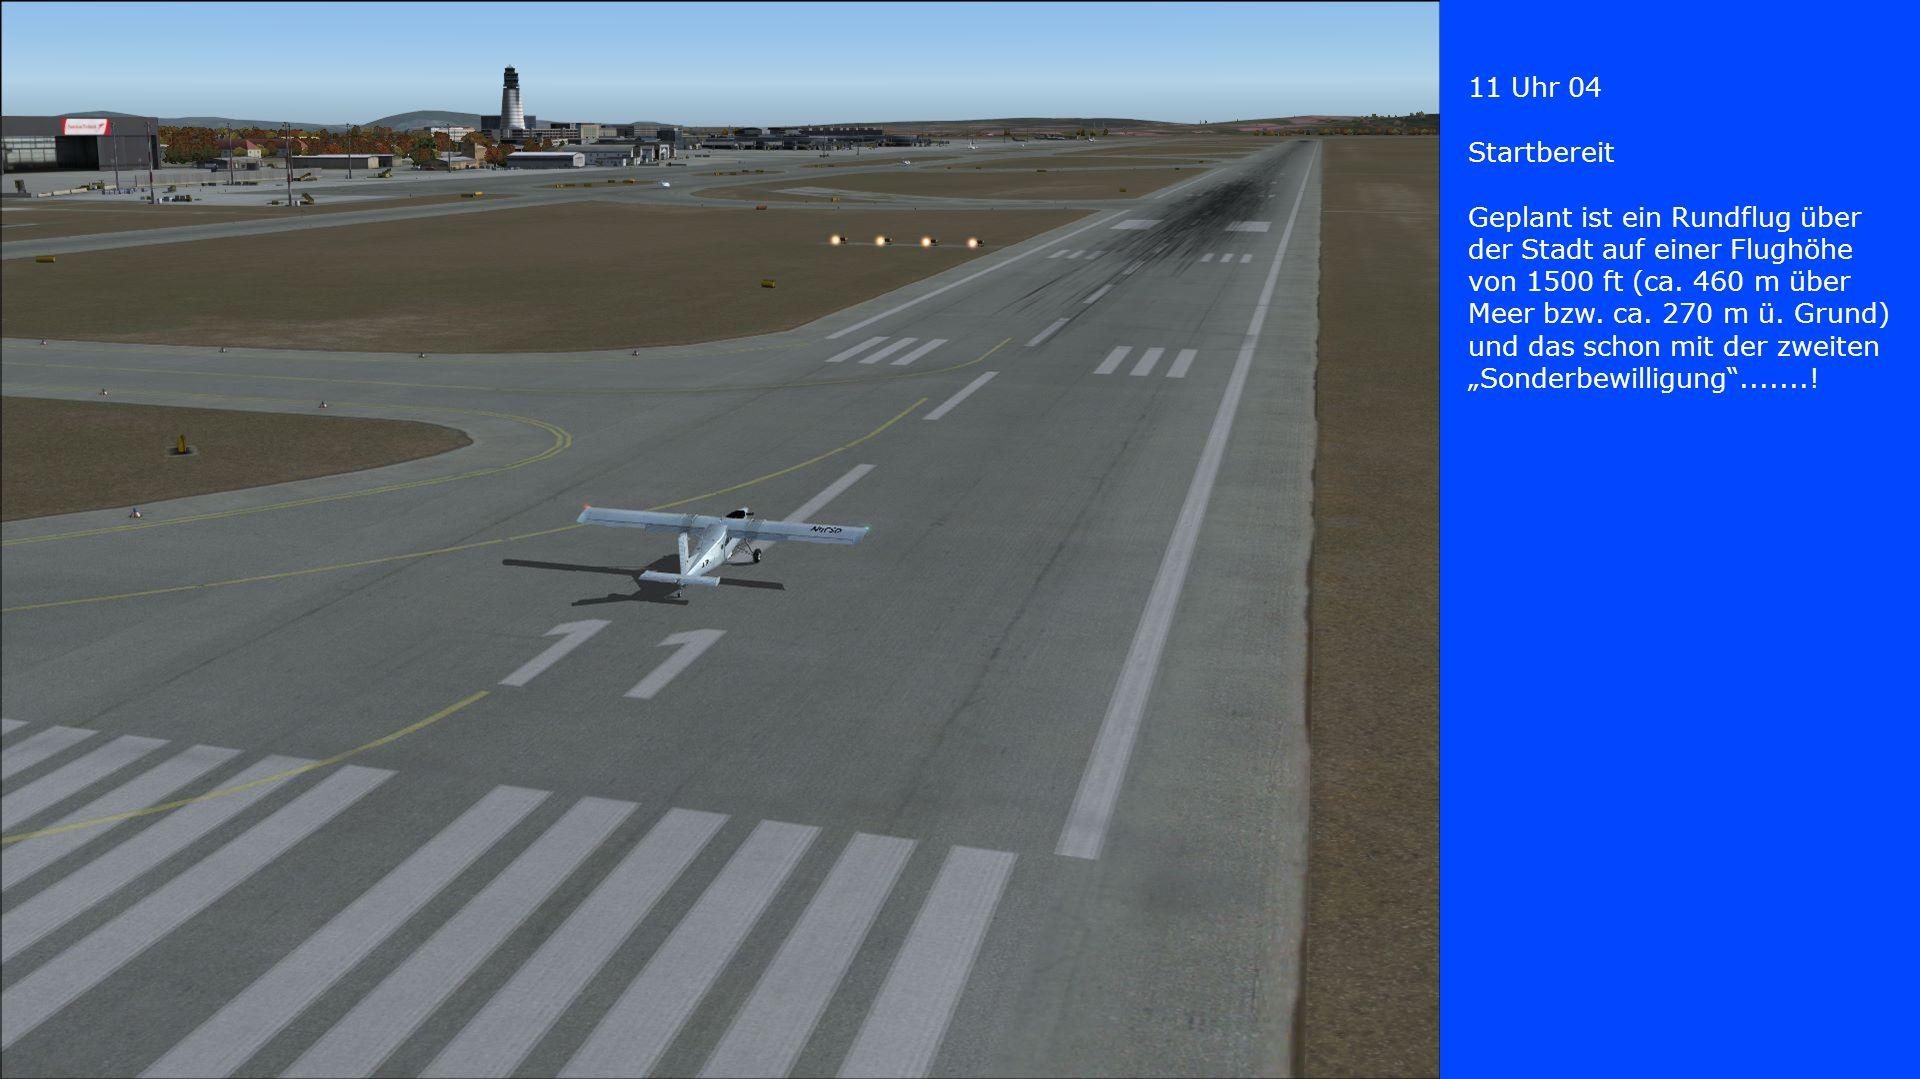 11 Uhr 04 Startbereit Geplant ist ein Rundflug über der Stadt auf einer Flughöhe von 1500 ft (ca. 460 m über Meer bzw. ca. 270 m ü. Grund) und das sch